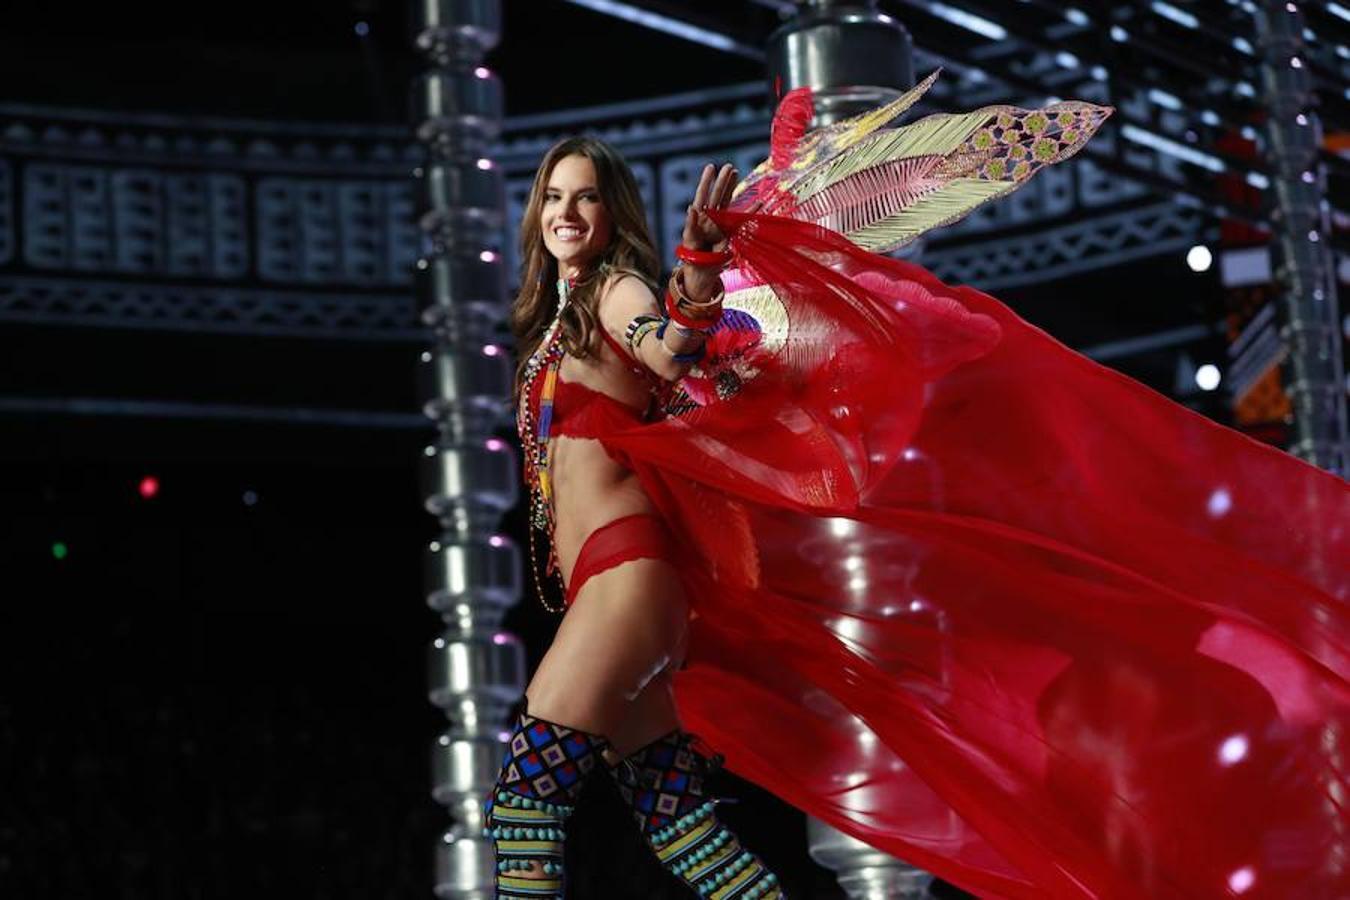 El brillo del medio centenar de famosas modelos que se transformaron hoy en los ángeles de Victoria's Secret en su famoso desfile anual